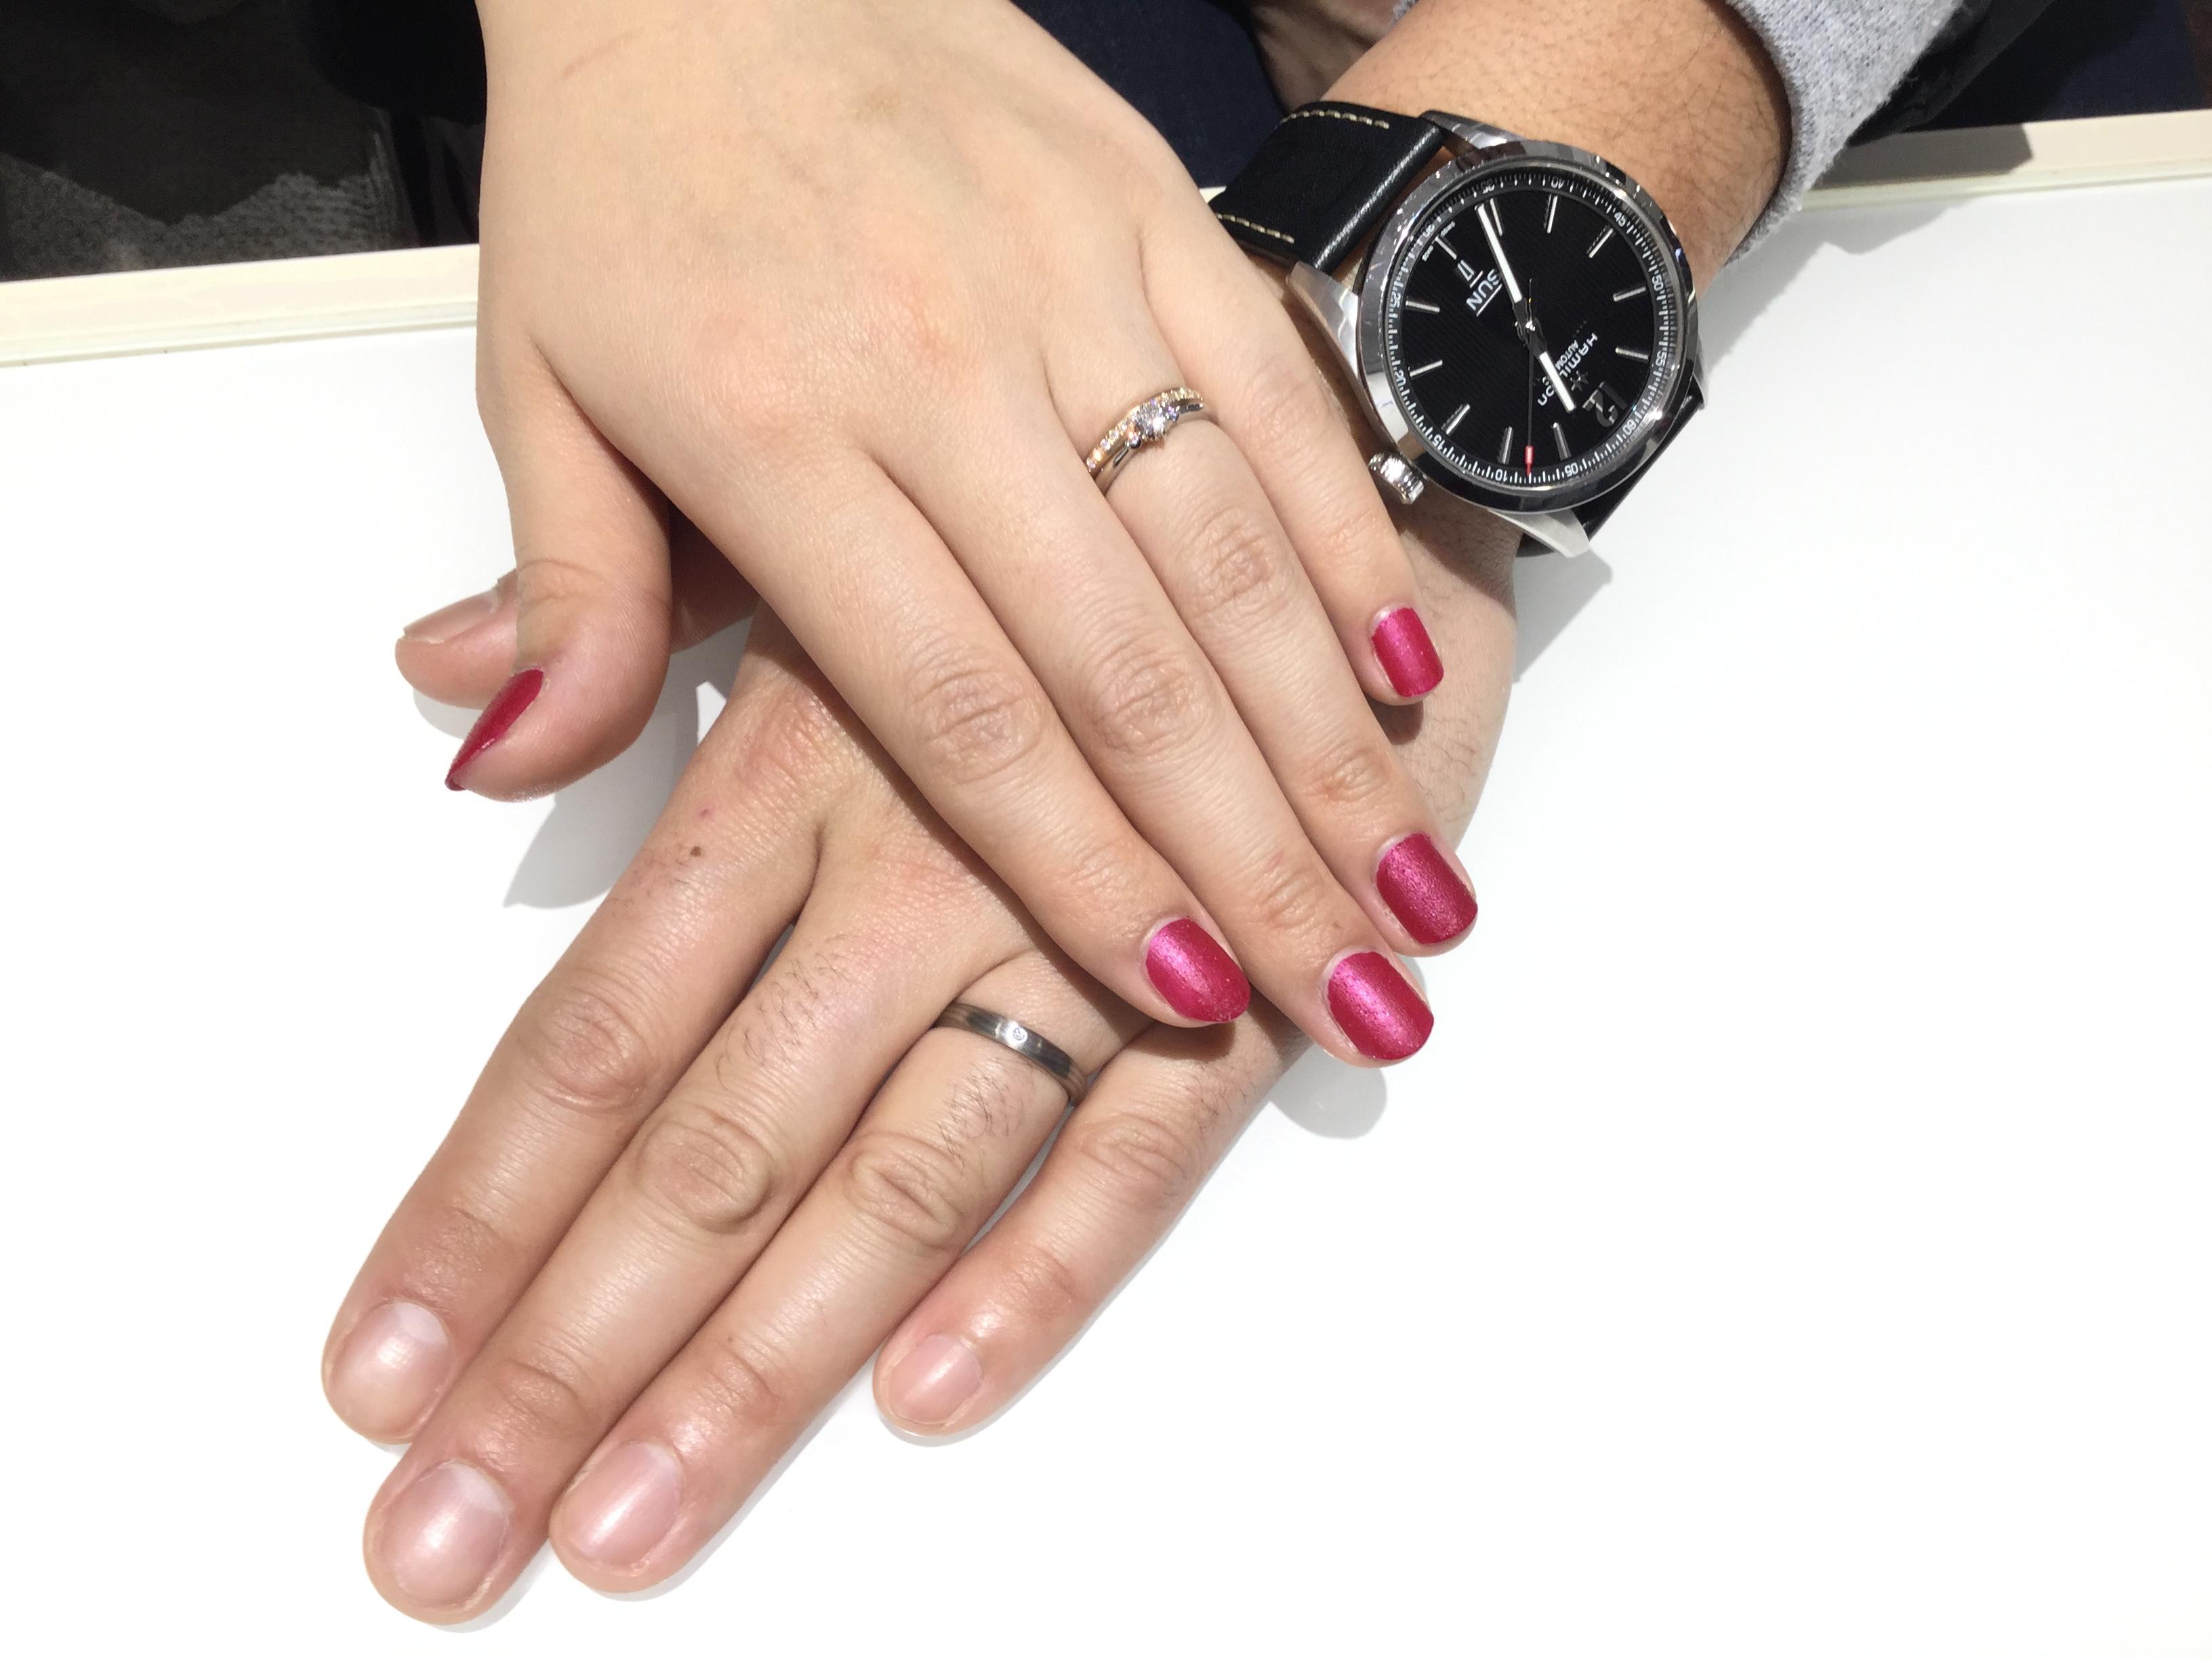 【魚沼市】婚約指輪・結婚指輪、ルシエ「セリーン」&俄(にわか)「長閑」をご成約/渡辺聡様&実穂子様